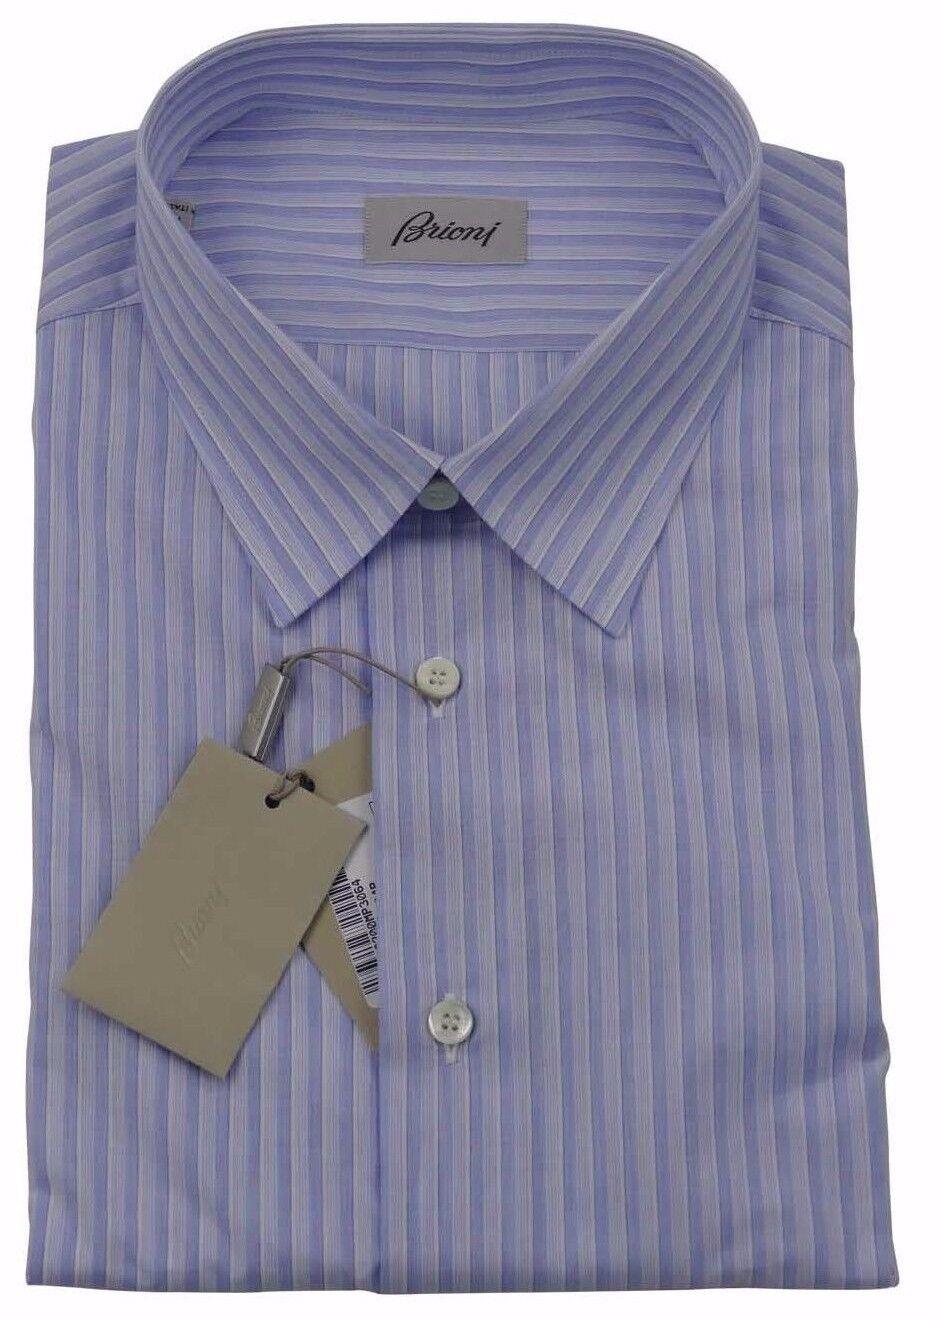 Brioni Uomo H S BLU Striscia di Cotone Artigianale Camicia Nuova con Etichetta